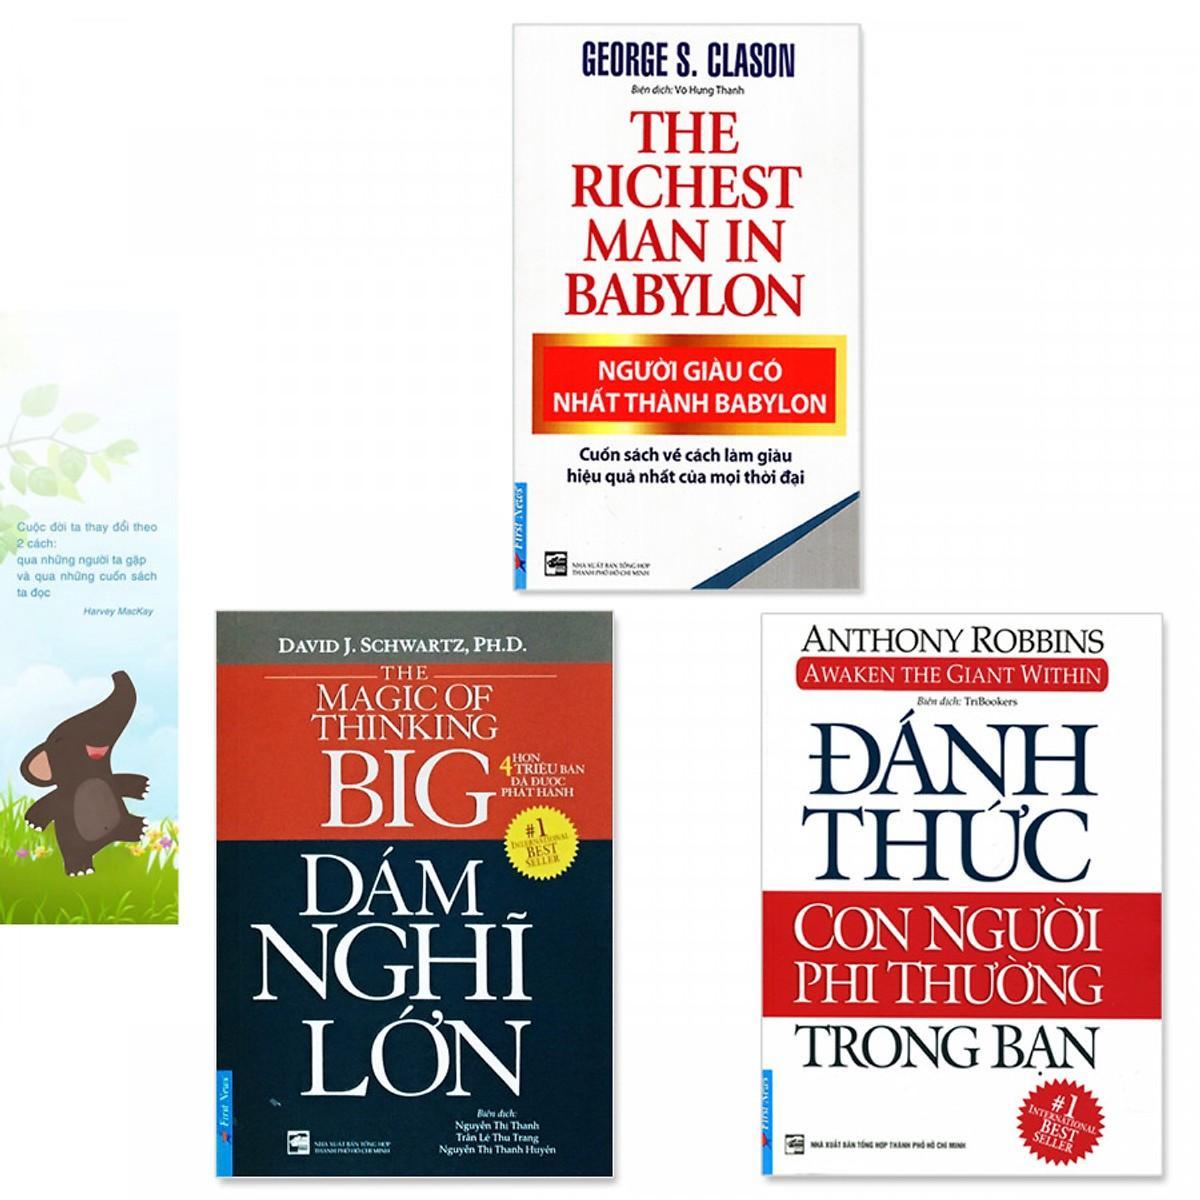 Combo 3 cuốn Sách: Người Giàu Có Nhất Thành Babylon, Đánh Thức Con Người Phi Thường Trong Bạn, Dám Nghĩ Lớn!